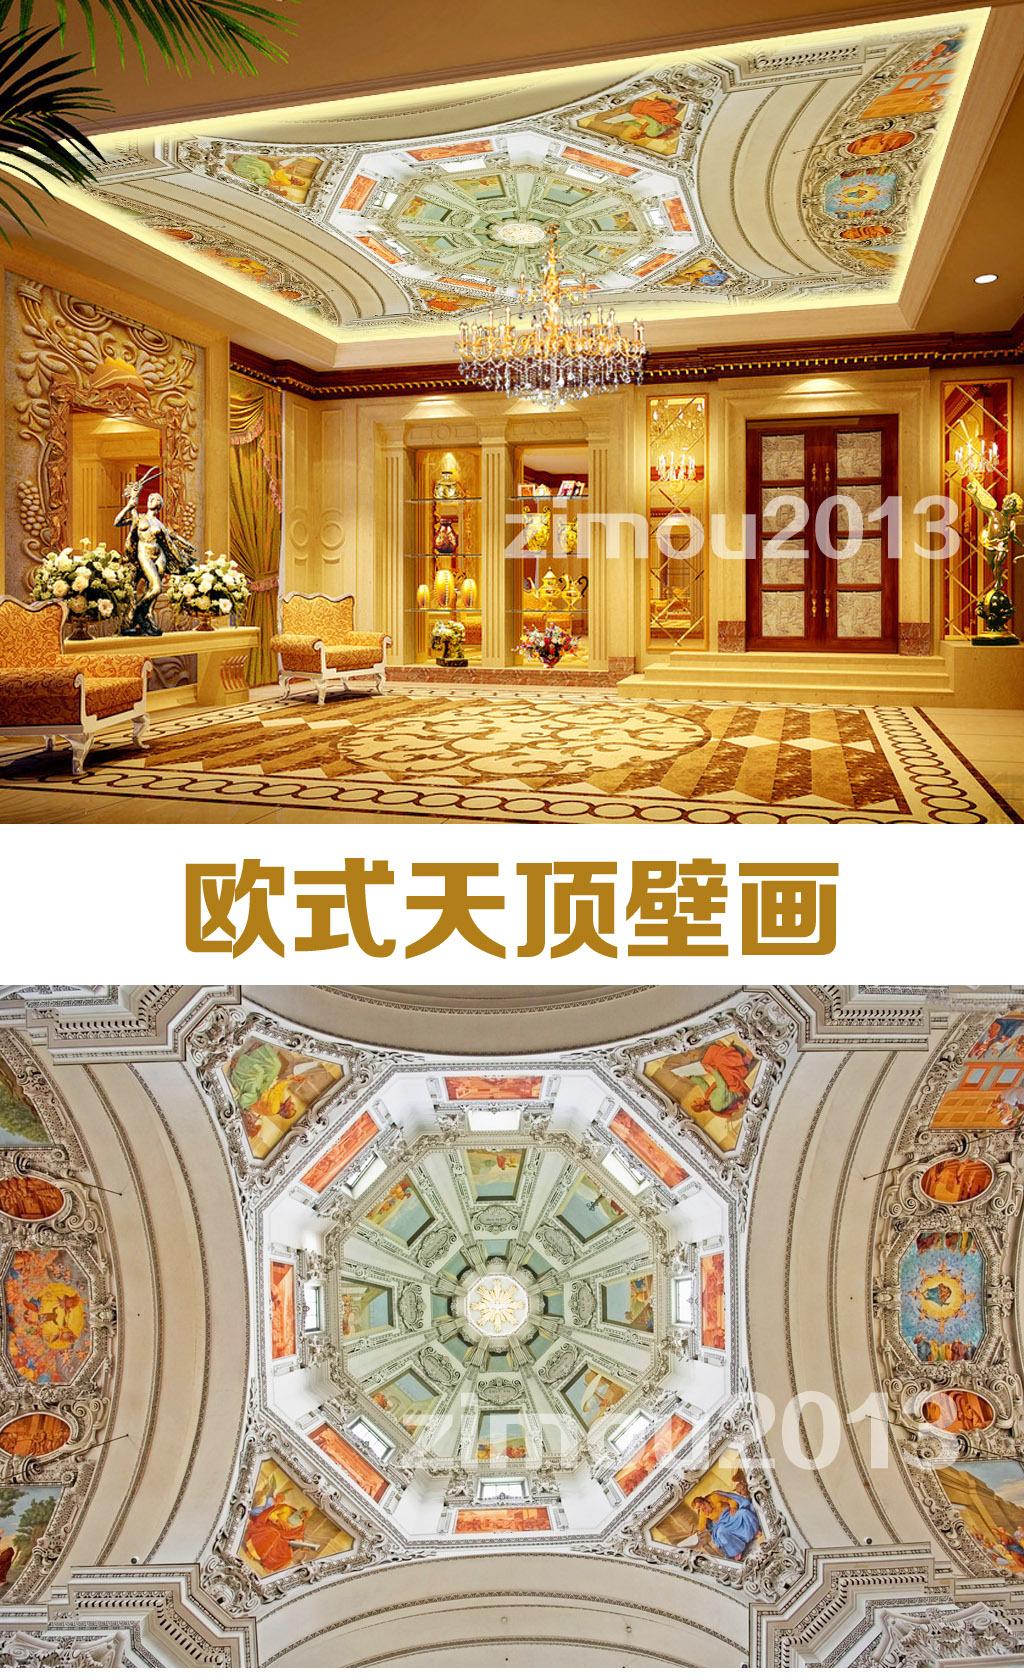 欧式皇家伊甸园手绘立体天顶吊顶油画壁画